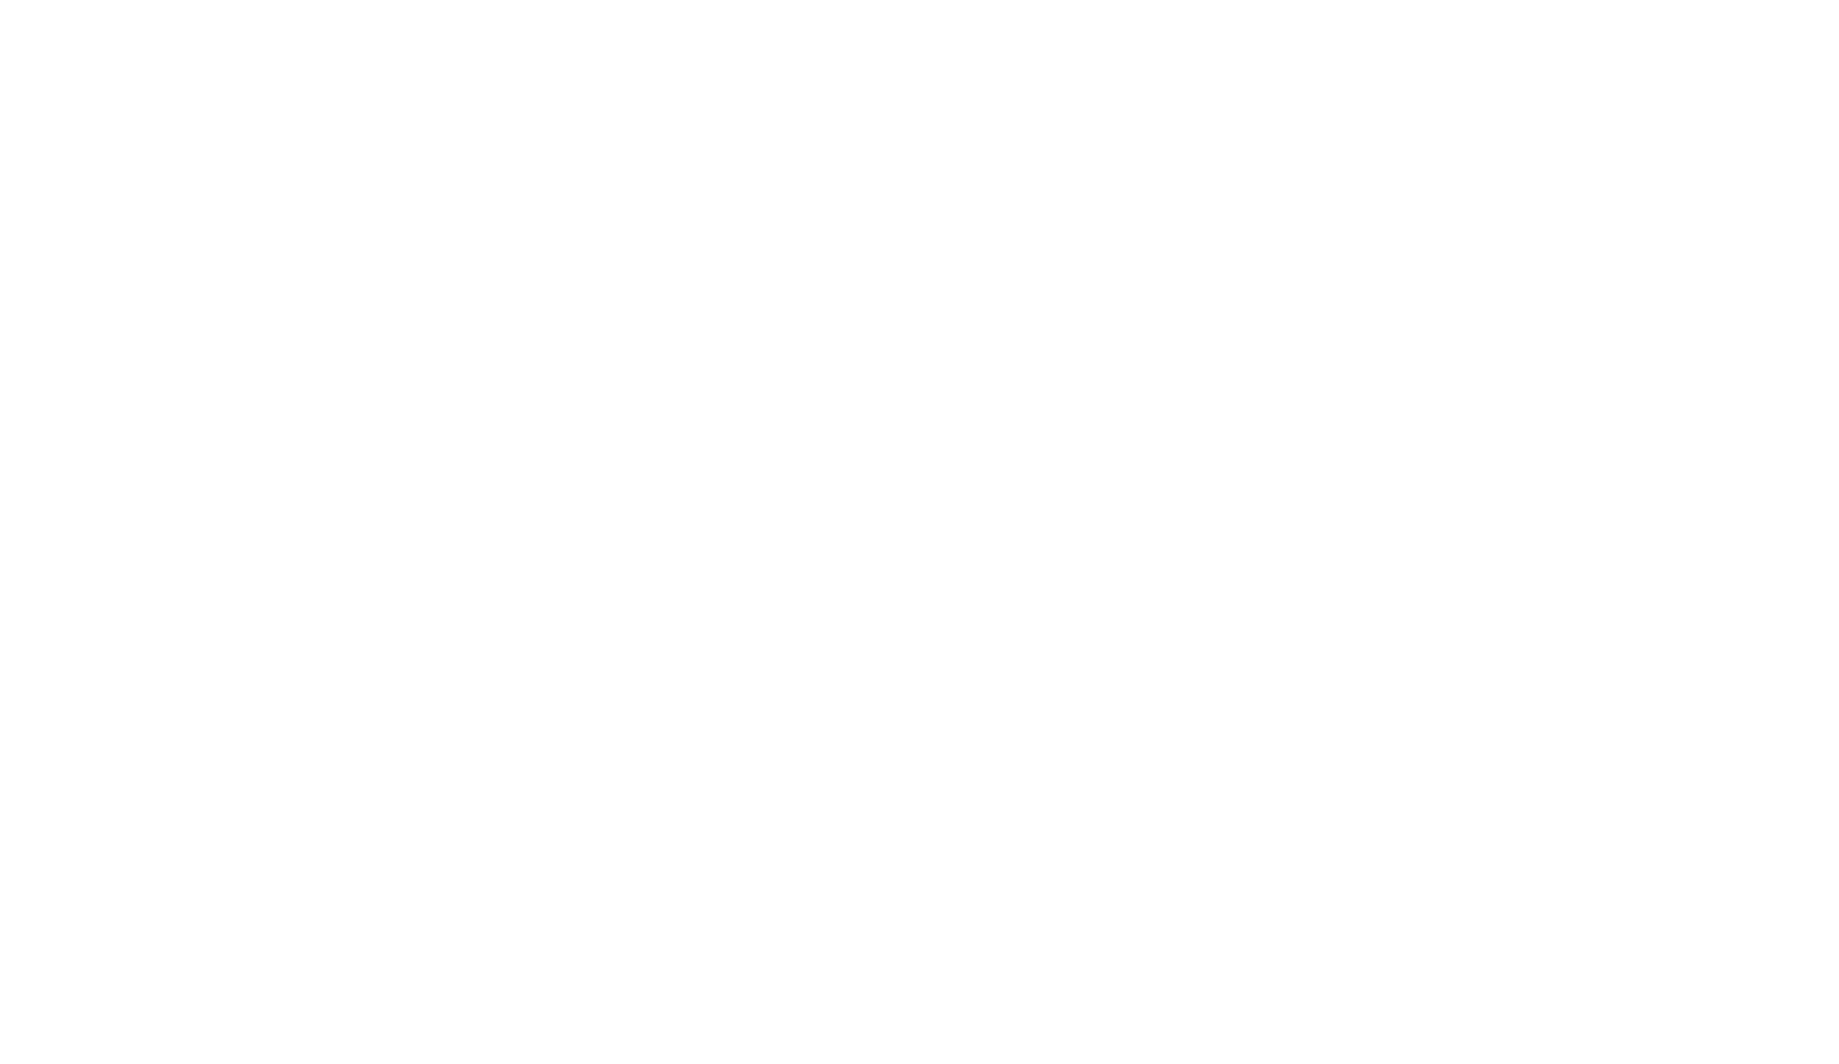 Attiliate